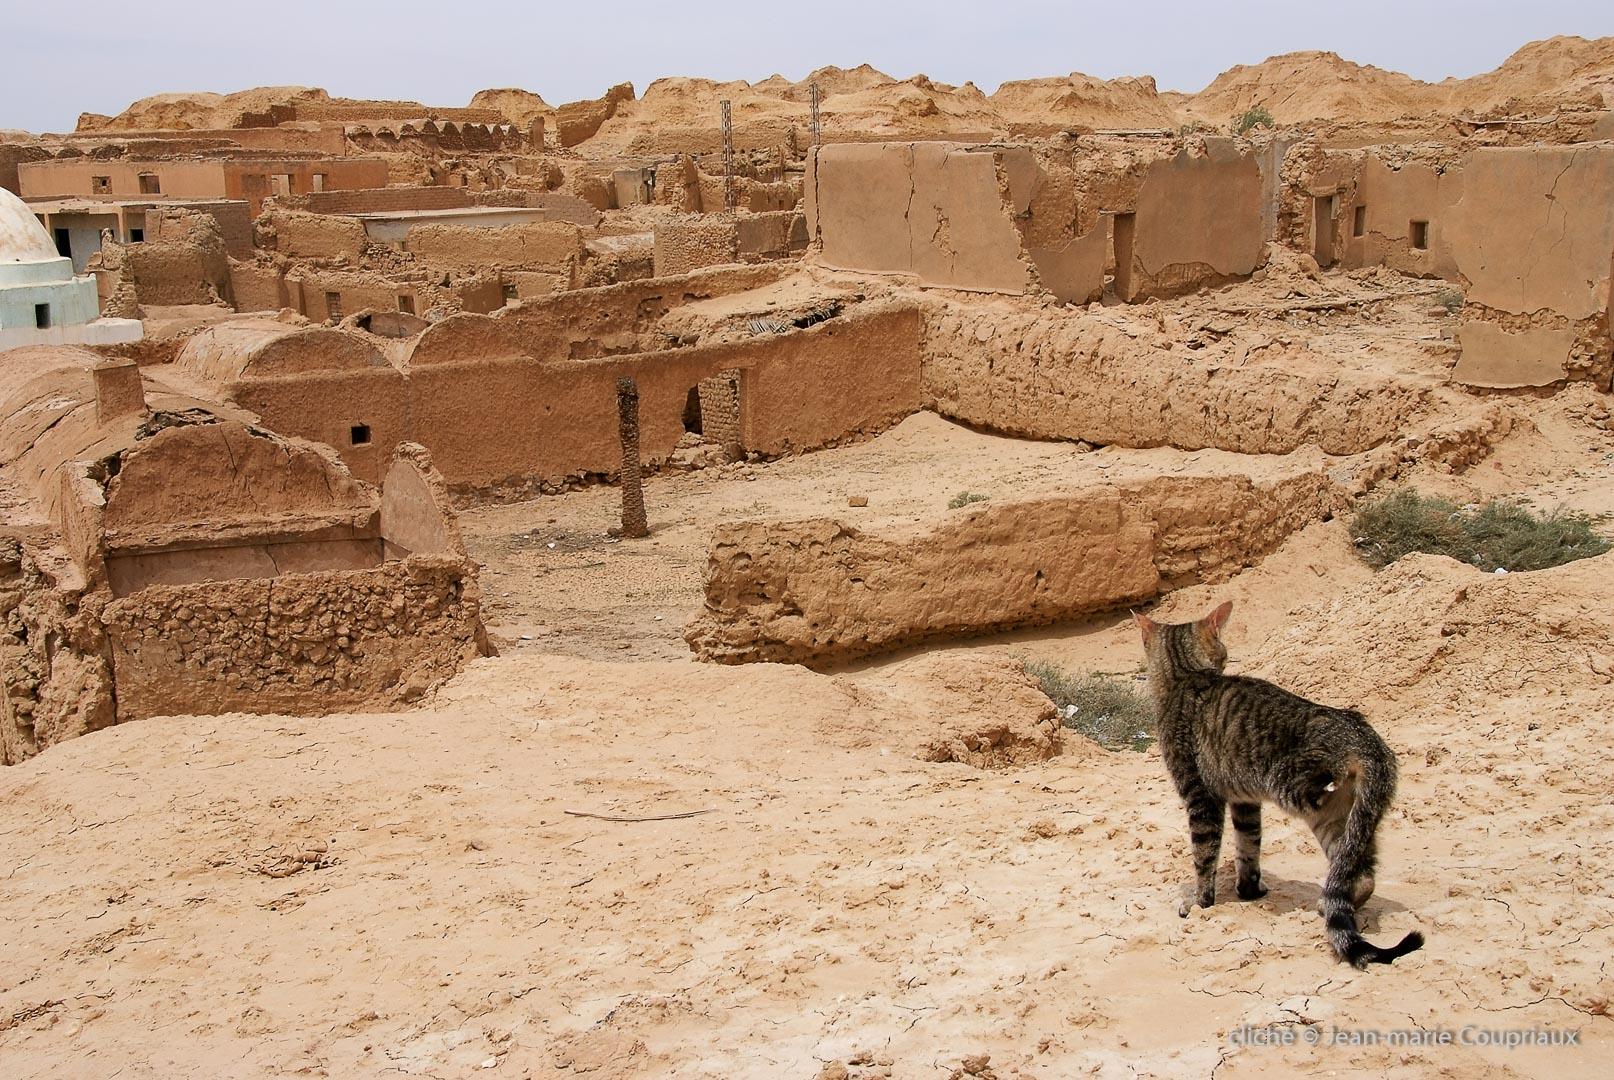 802-2011_Algerie-747